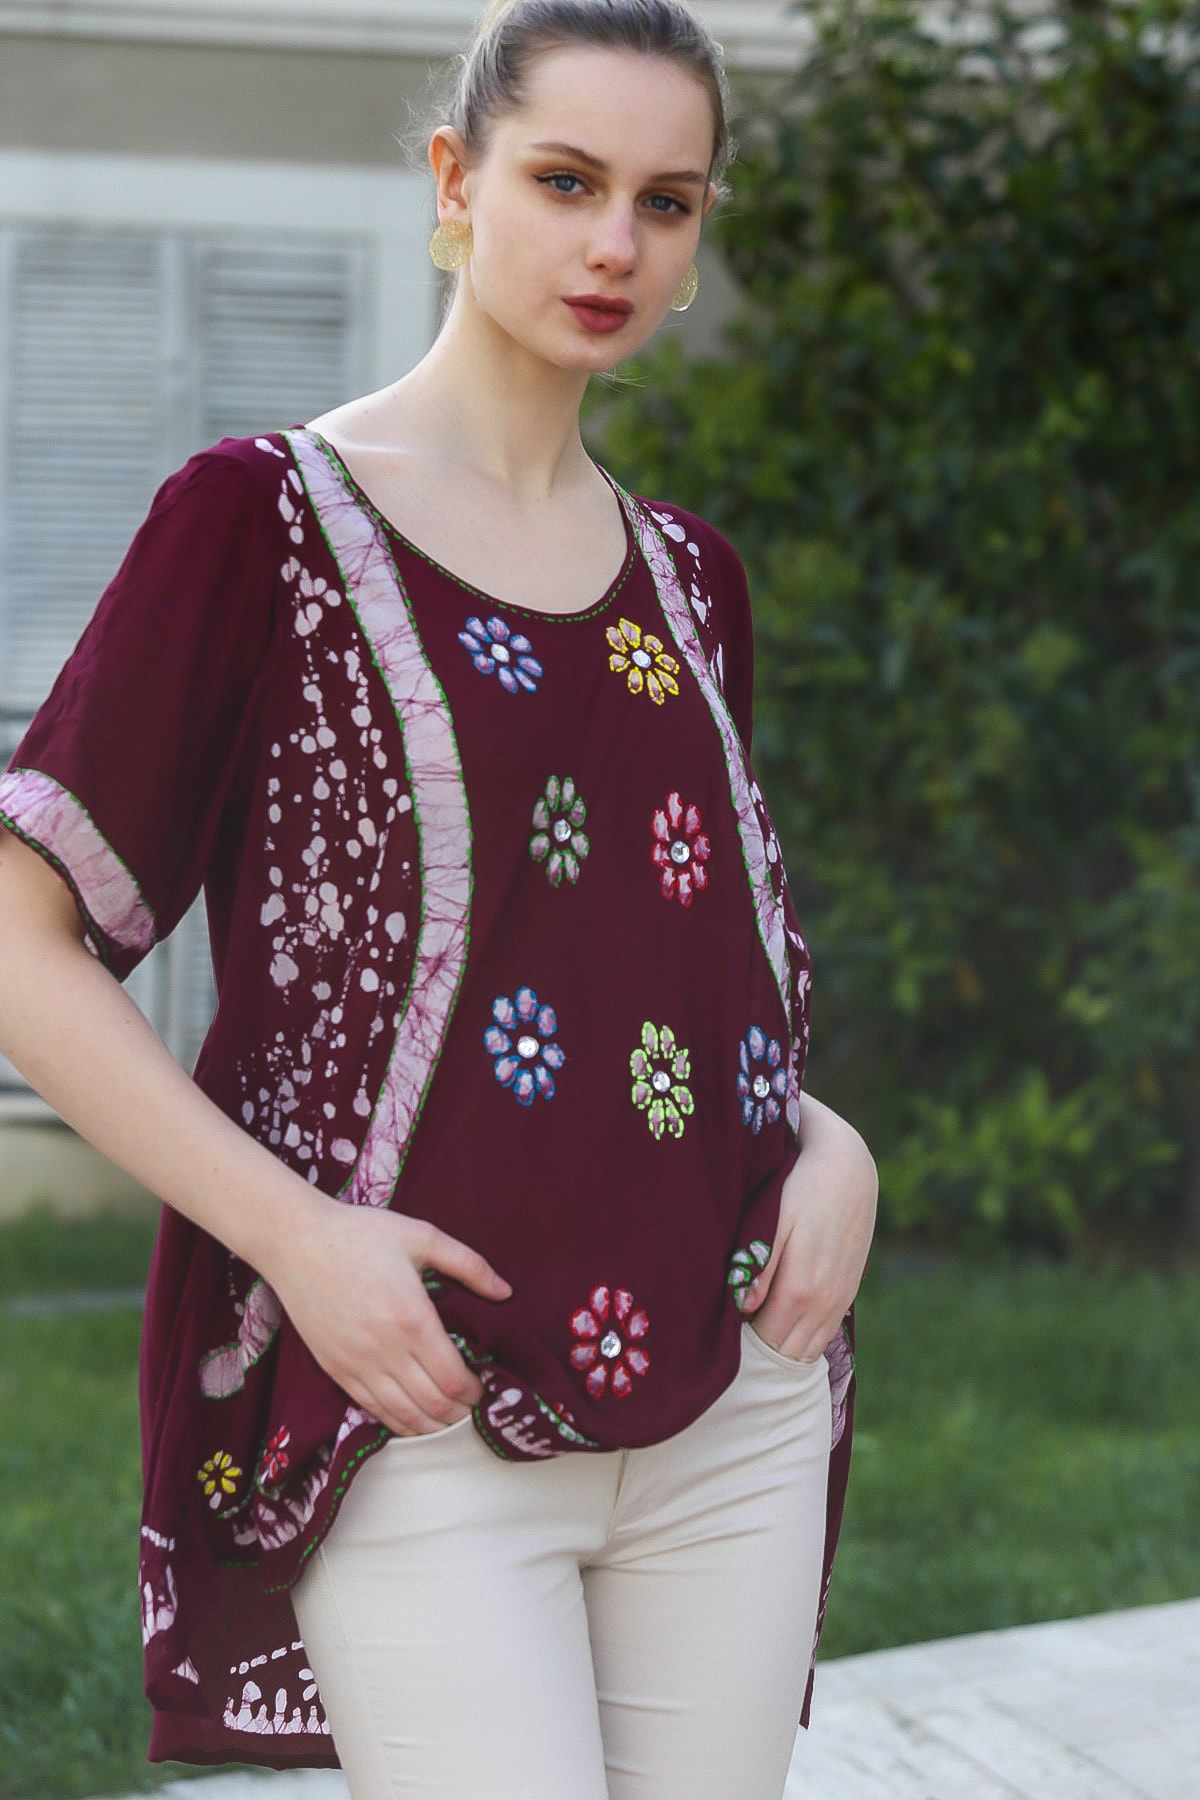 Chiccy Kadın Mürdüm U Yaka Çiçek Nakışlı Batik Desenli Salaş Tunik Bluz M10010200BL95380 2